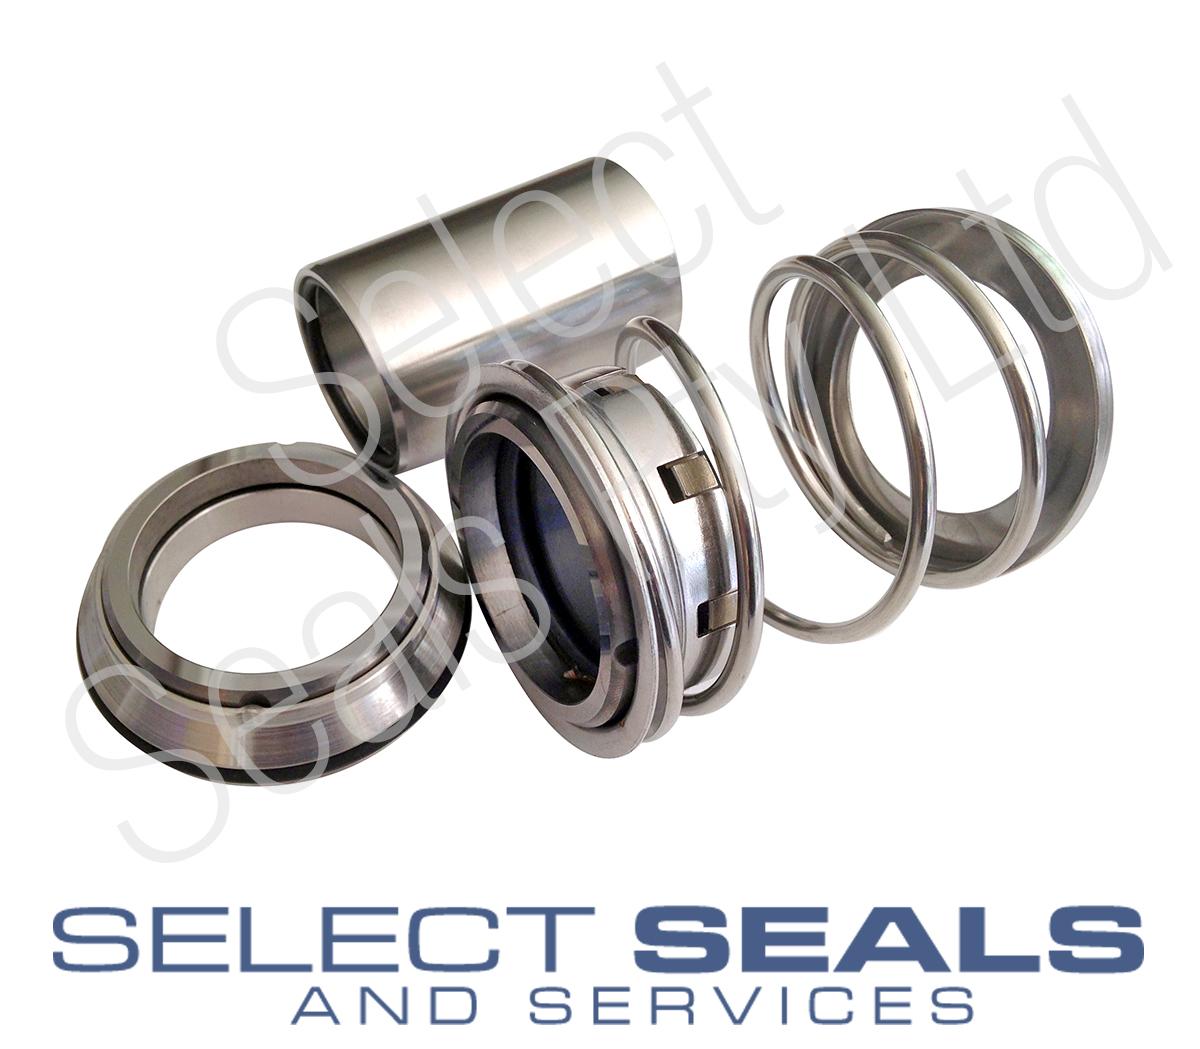 Gorman Rupp Trash Pump Mechanical Seal 1 875 Quot Outer Seal